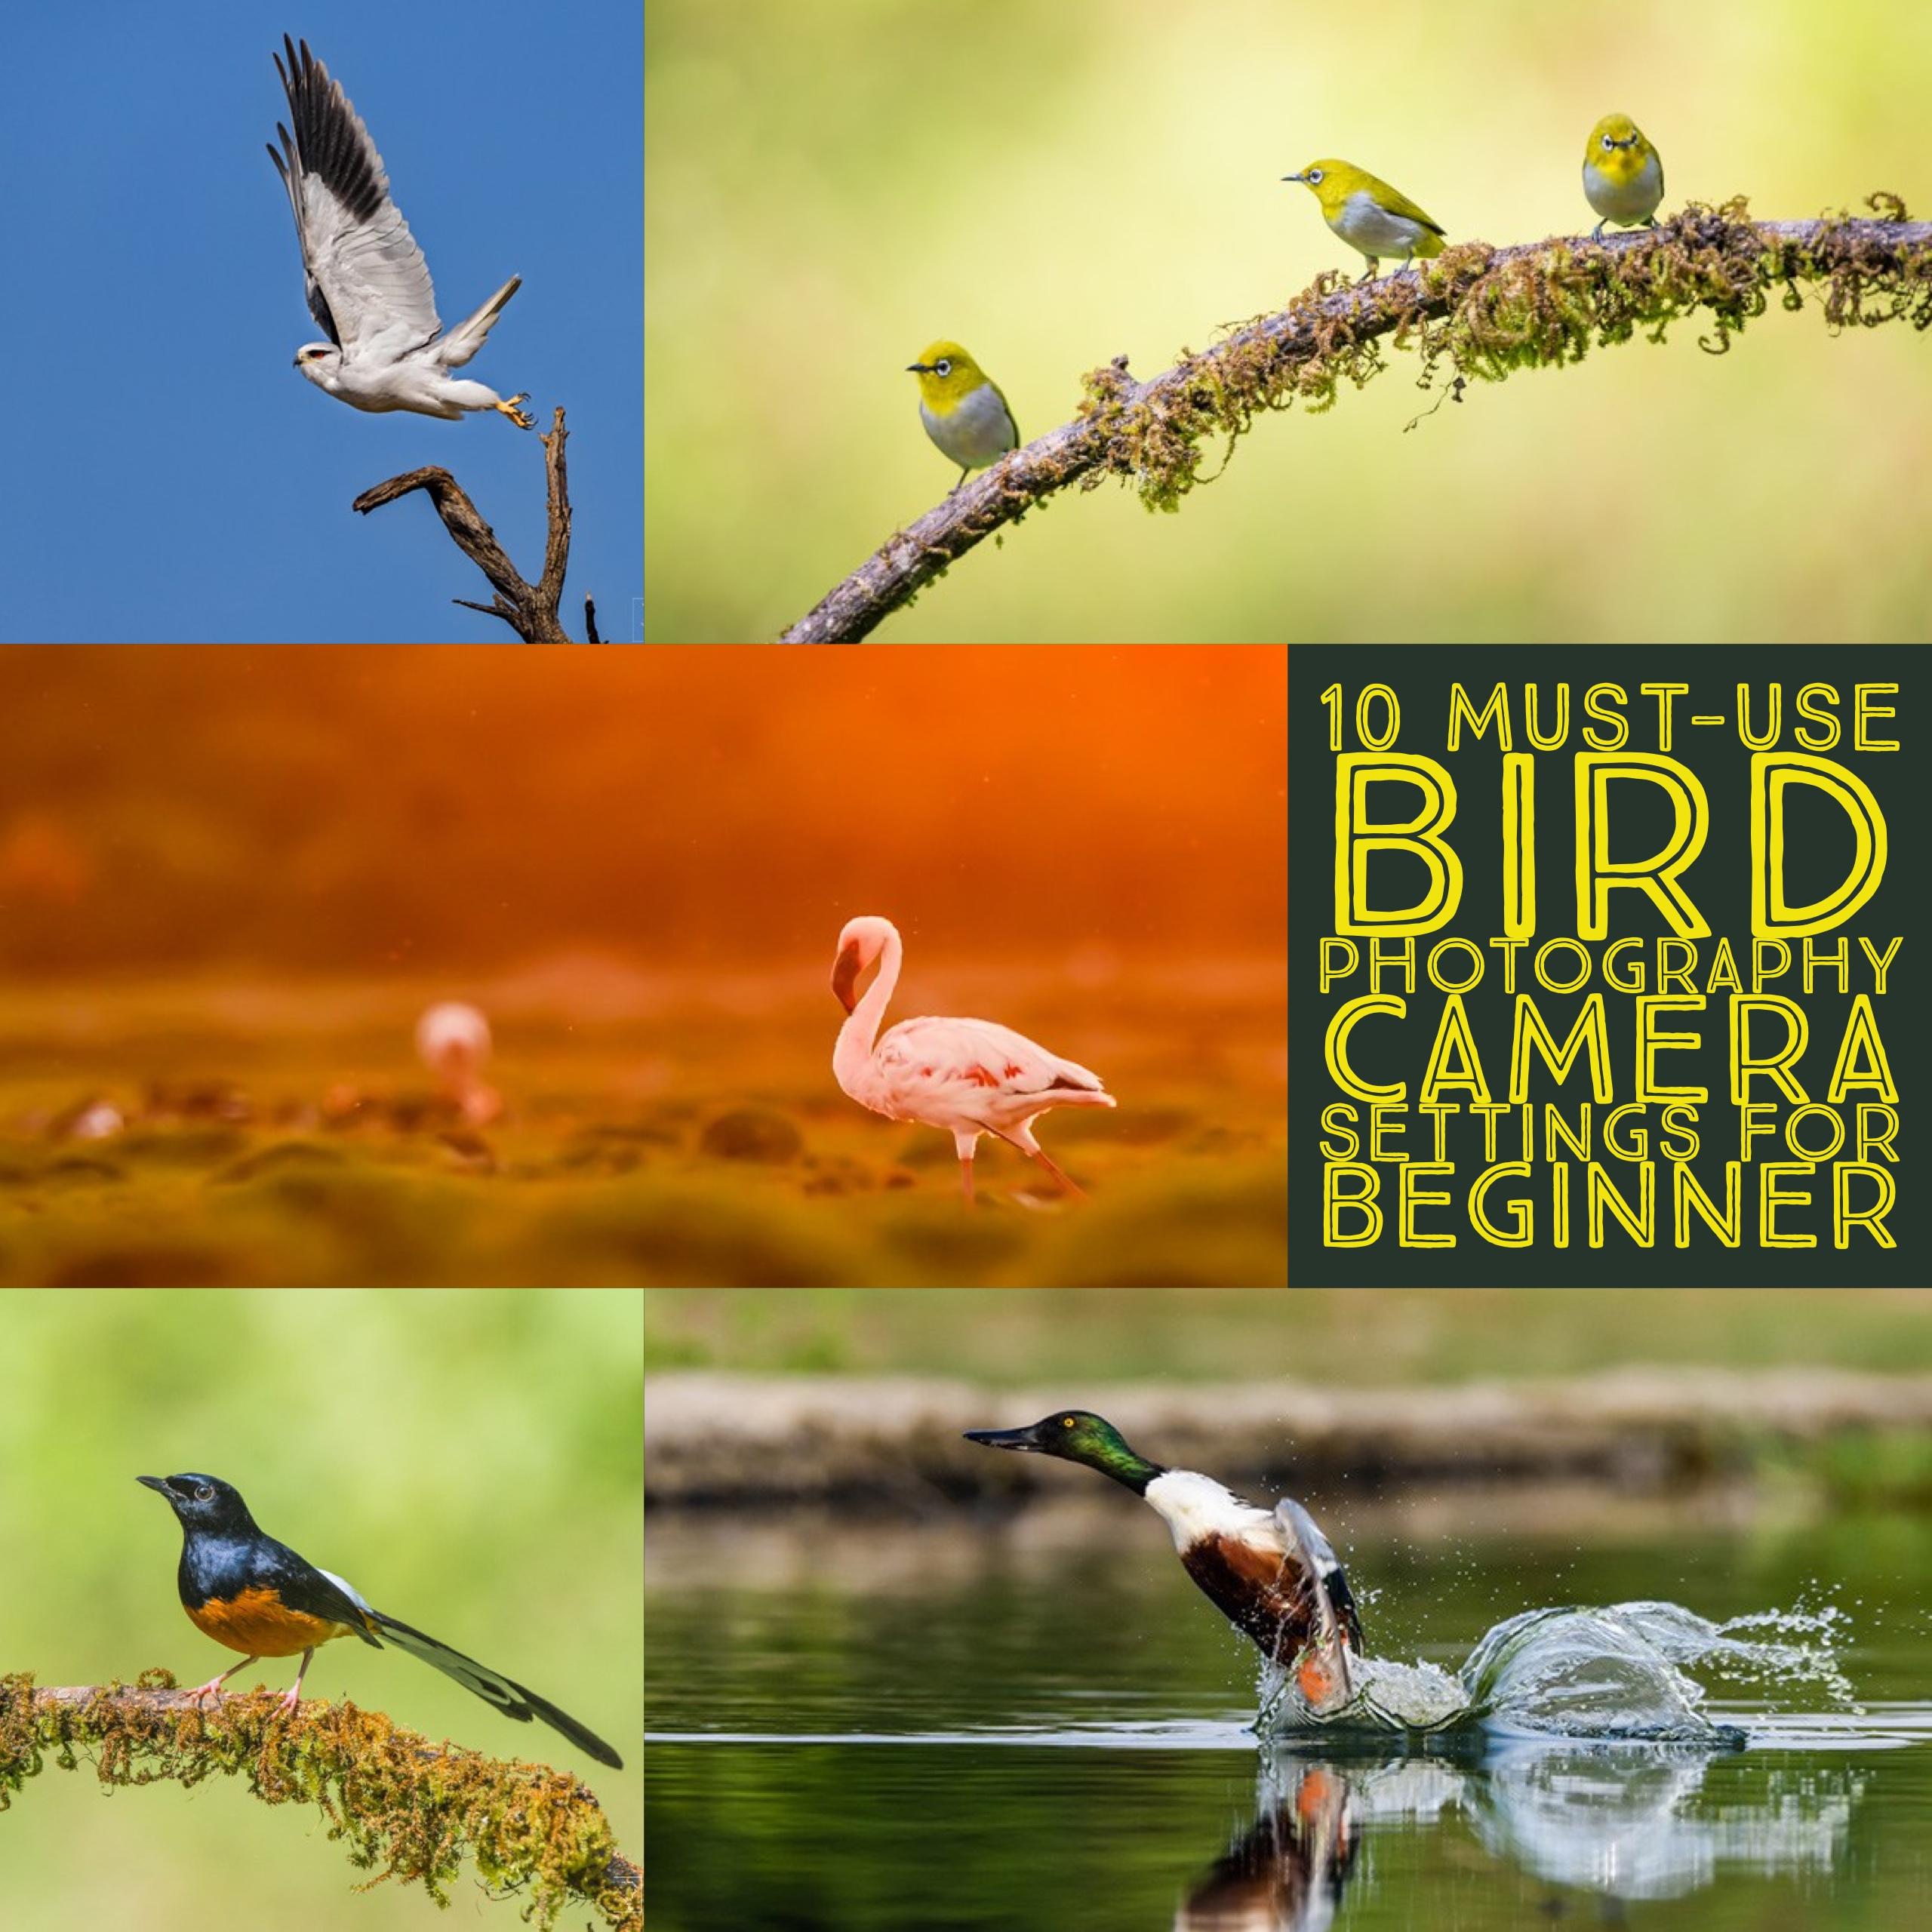 10 configurações obrigatórias de câmeras fotográficas de pássaros para iniciantes